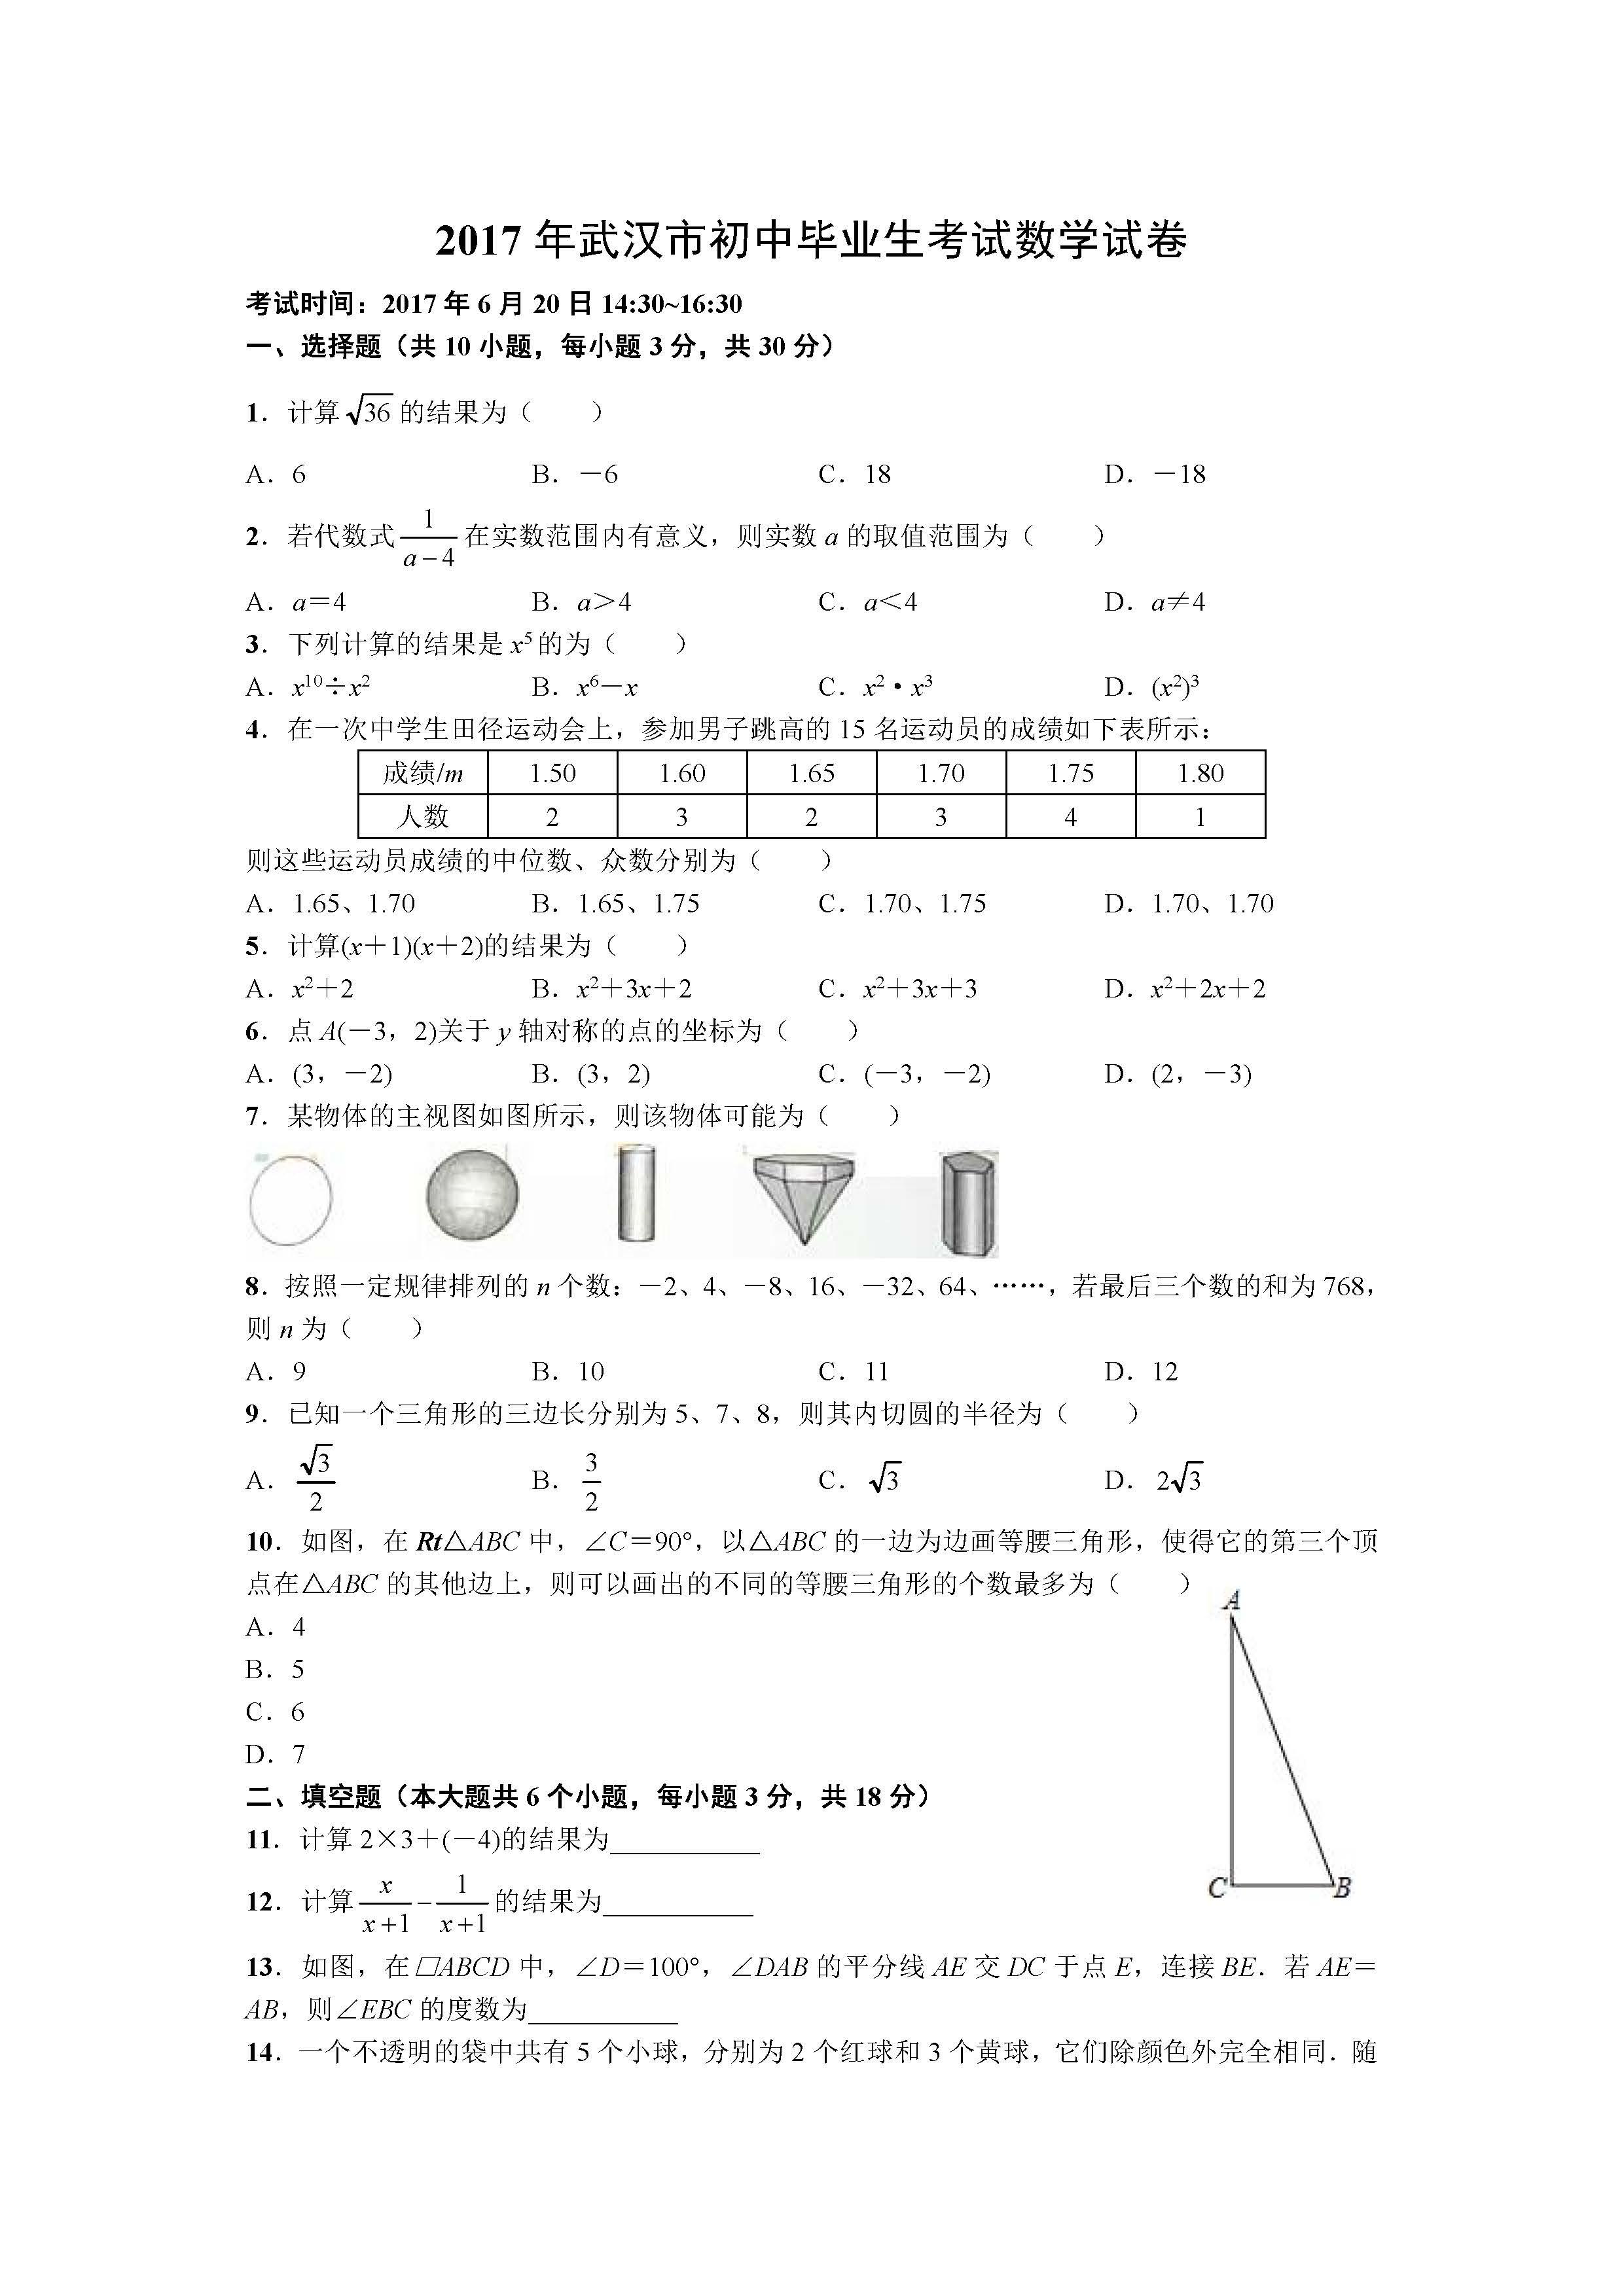 2017武汉中考数学试题及答案解析(图片版含答案)